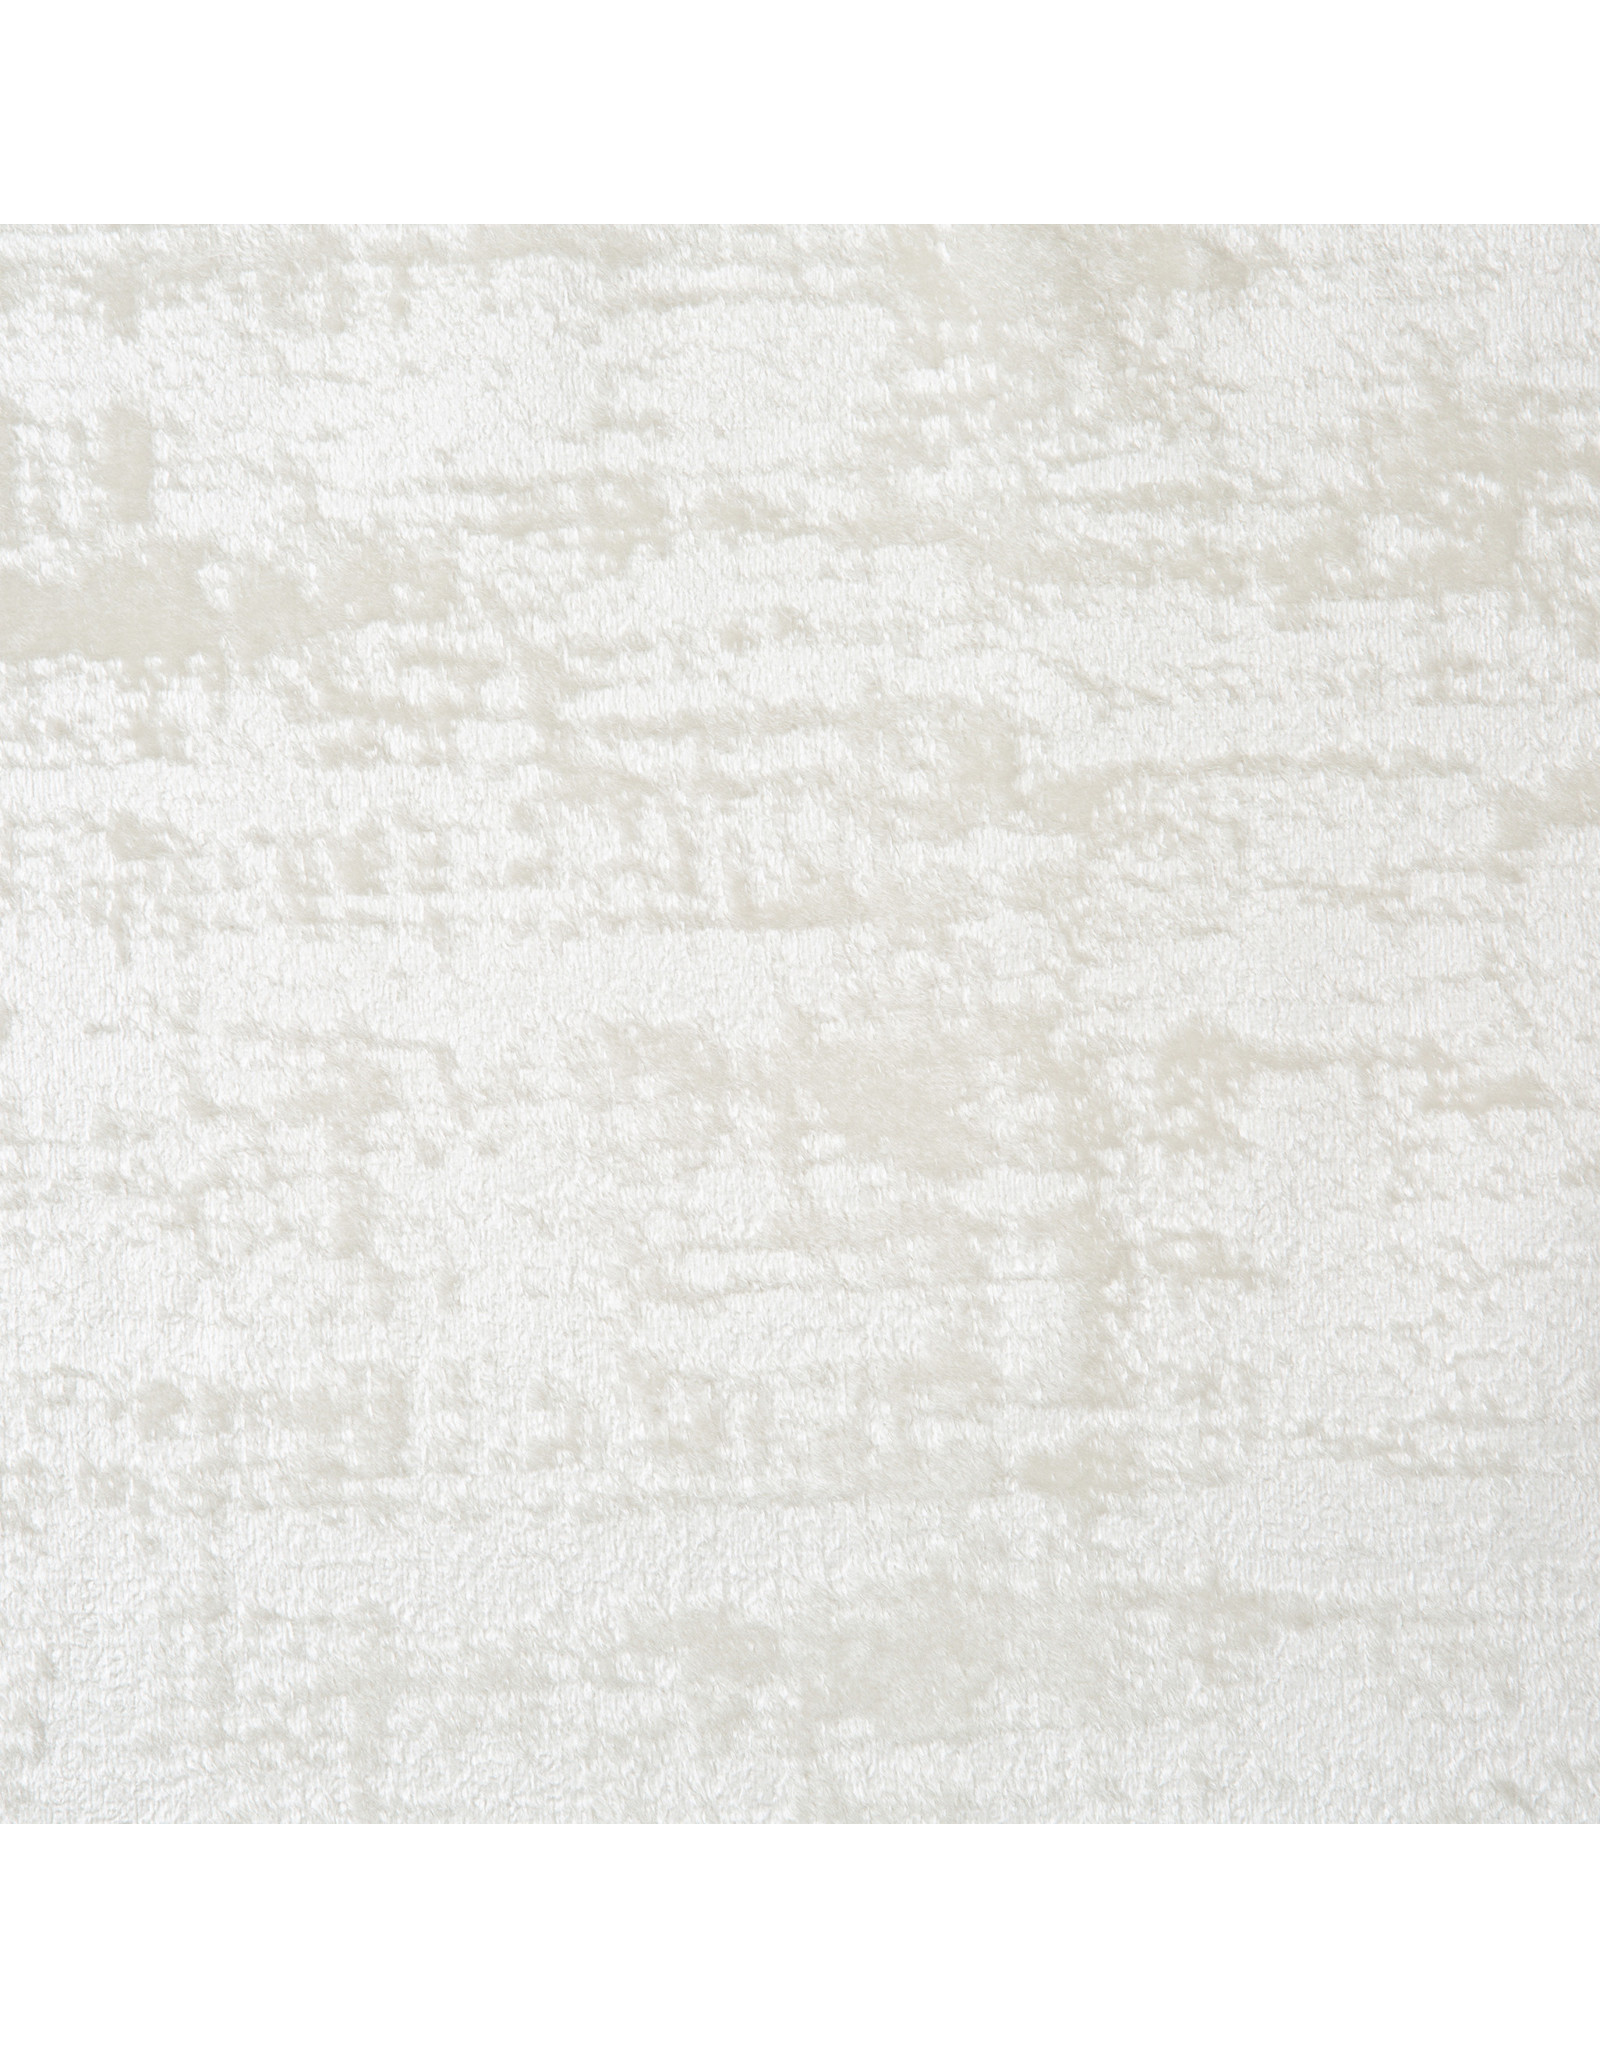 Blatex Glue velvet